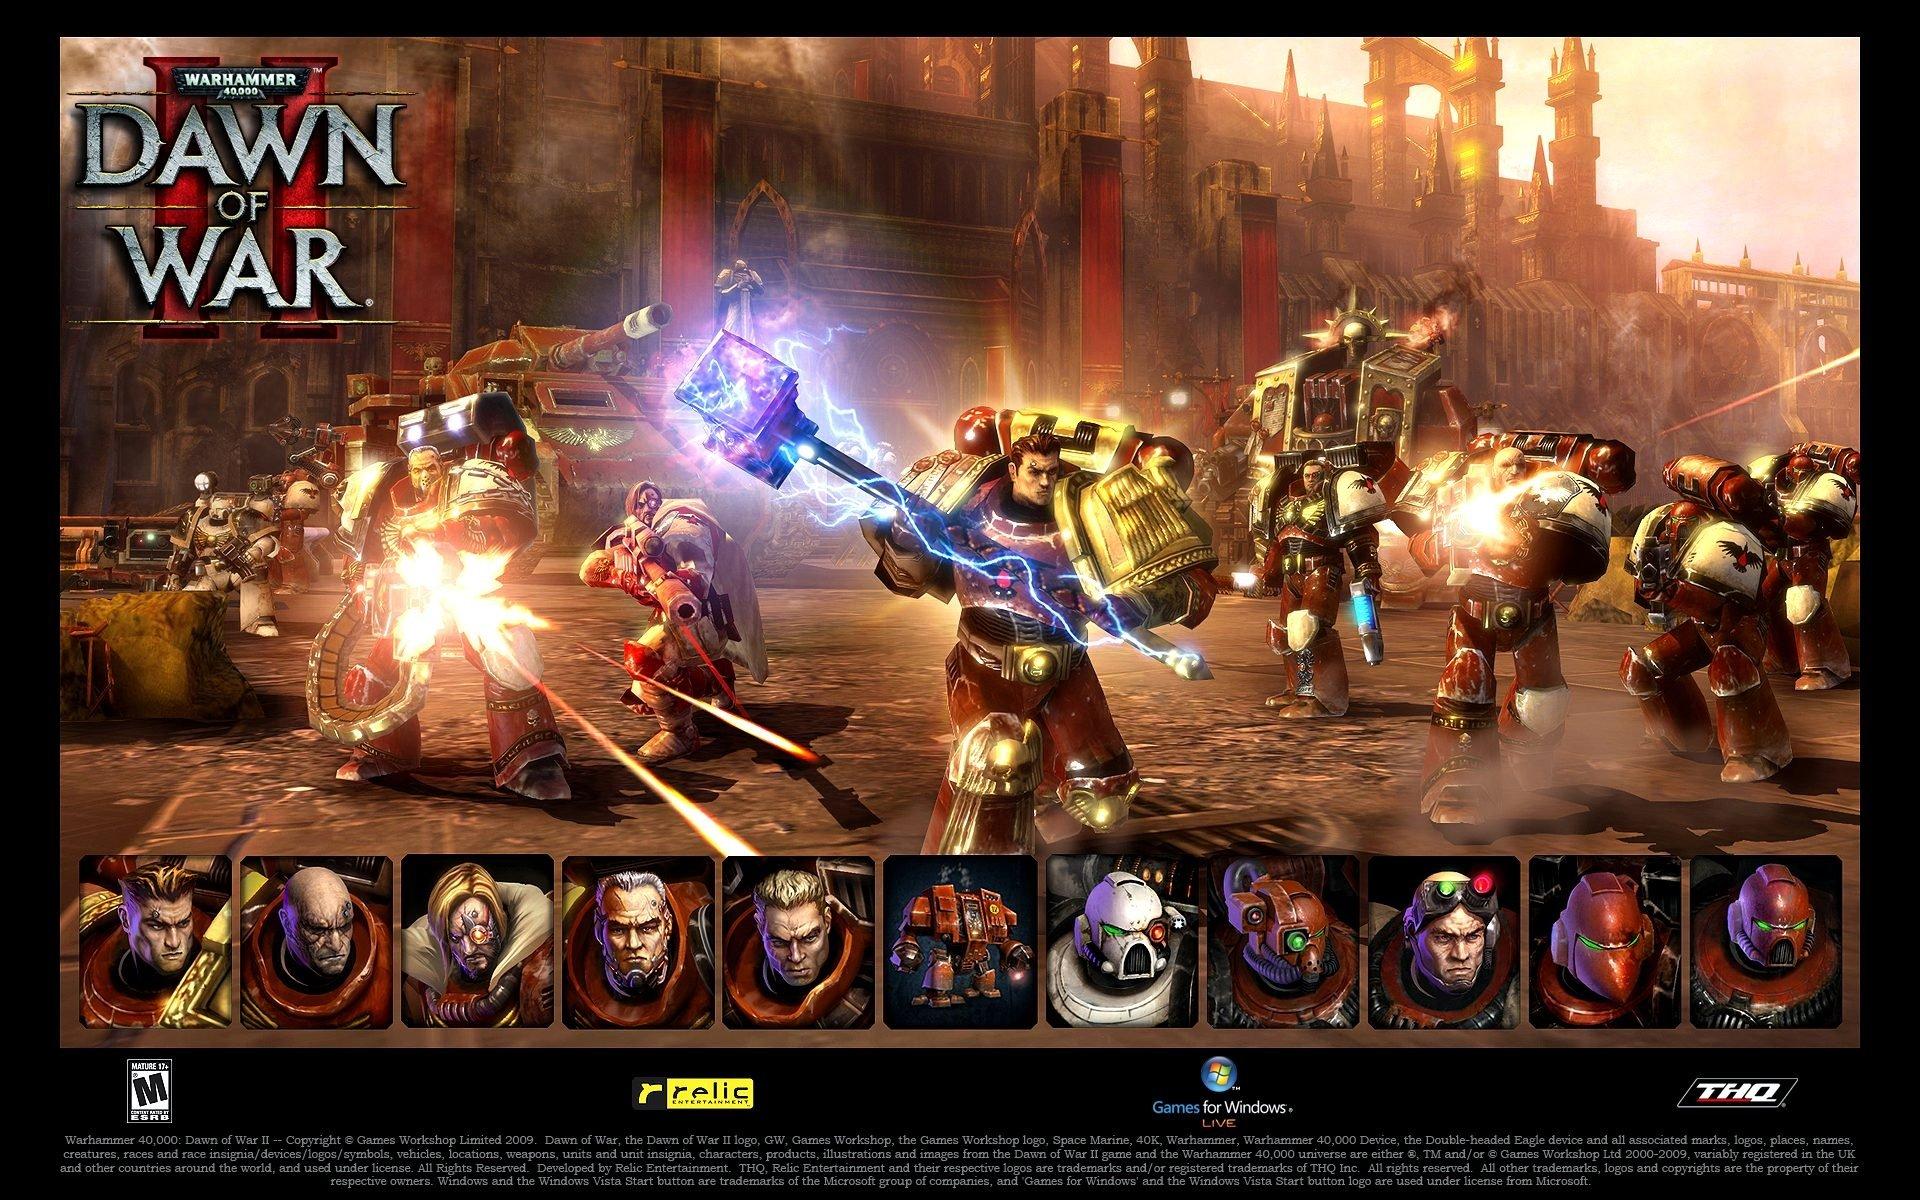 Dawn of War est un jeu de stratégie en temps réel développé par Relic Entertainment. Dawn of War propose quatre races provenant du monde de Warhammer 40000 à savoir les orks qui peuvent se multiplier afin de dominer l'adversaire, les Space marines qui protègent la terre très puissant dans la mécanique, les space marines du …